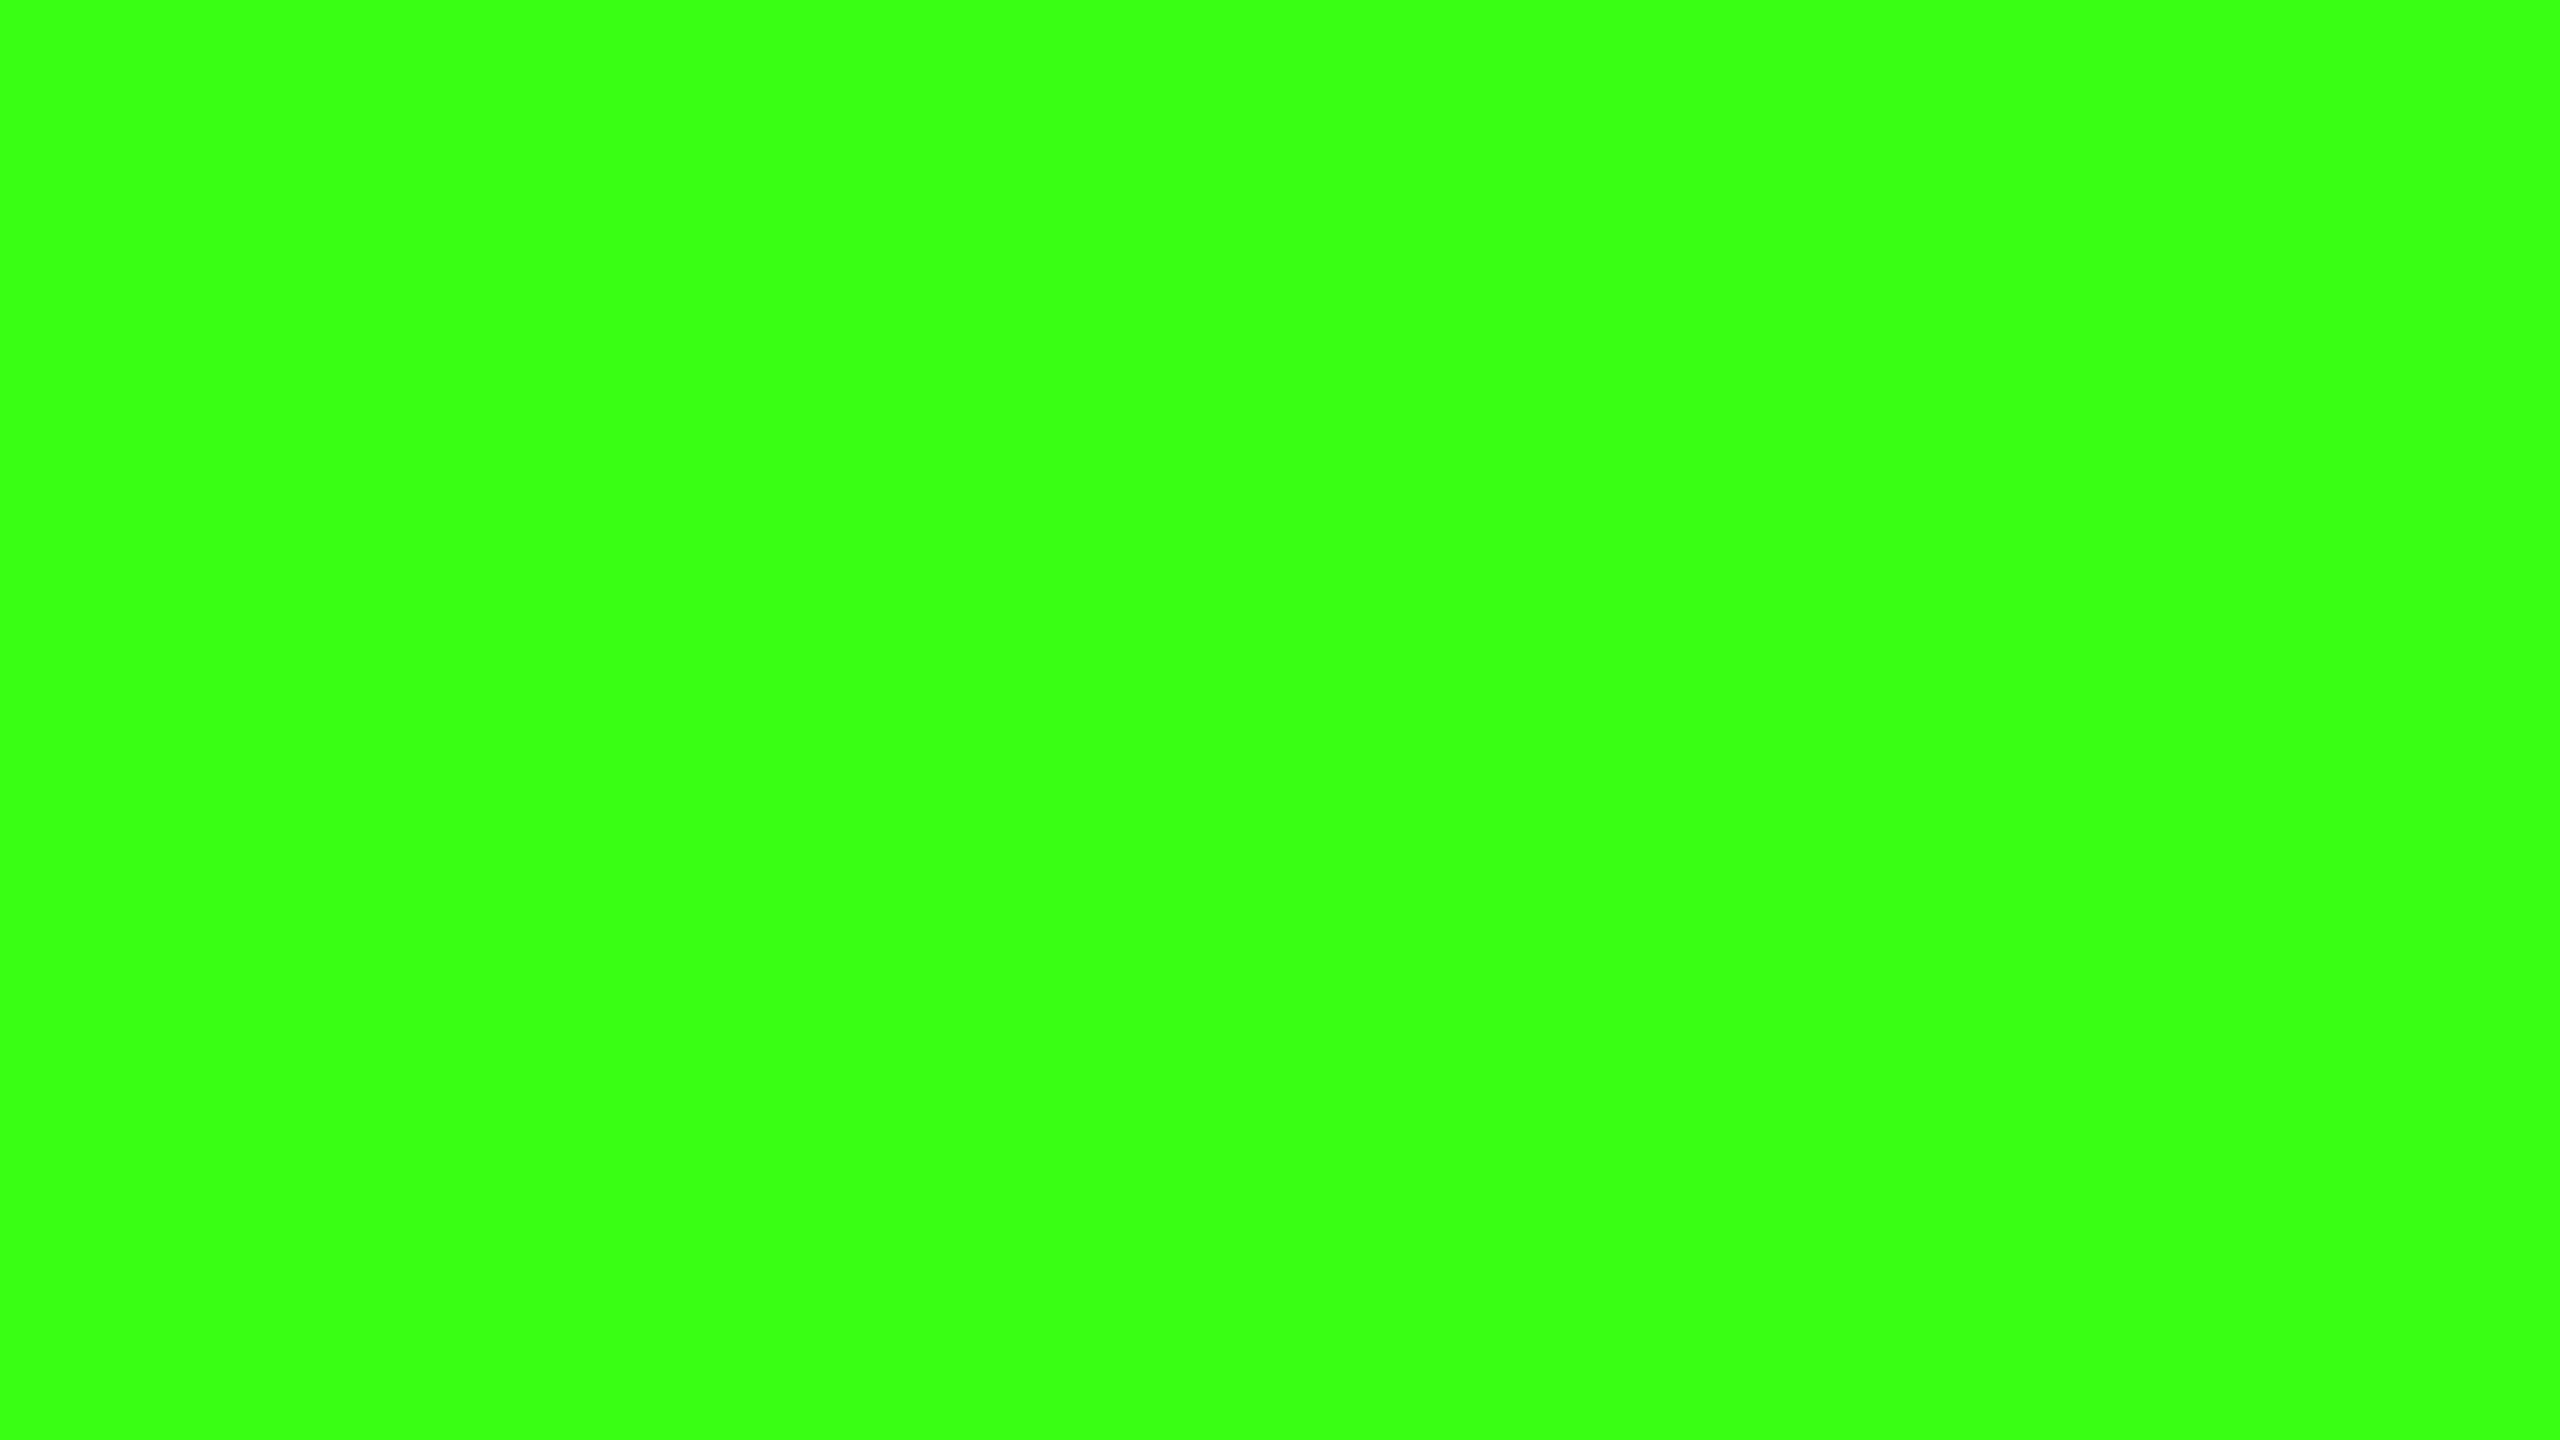 Green Color Wallpaper 1